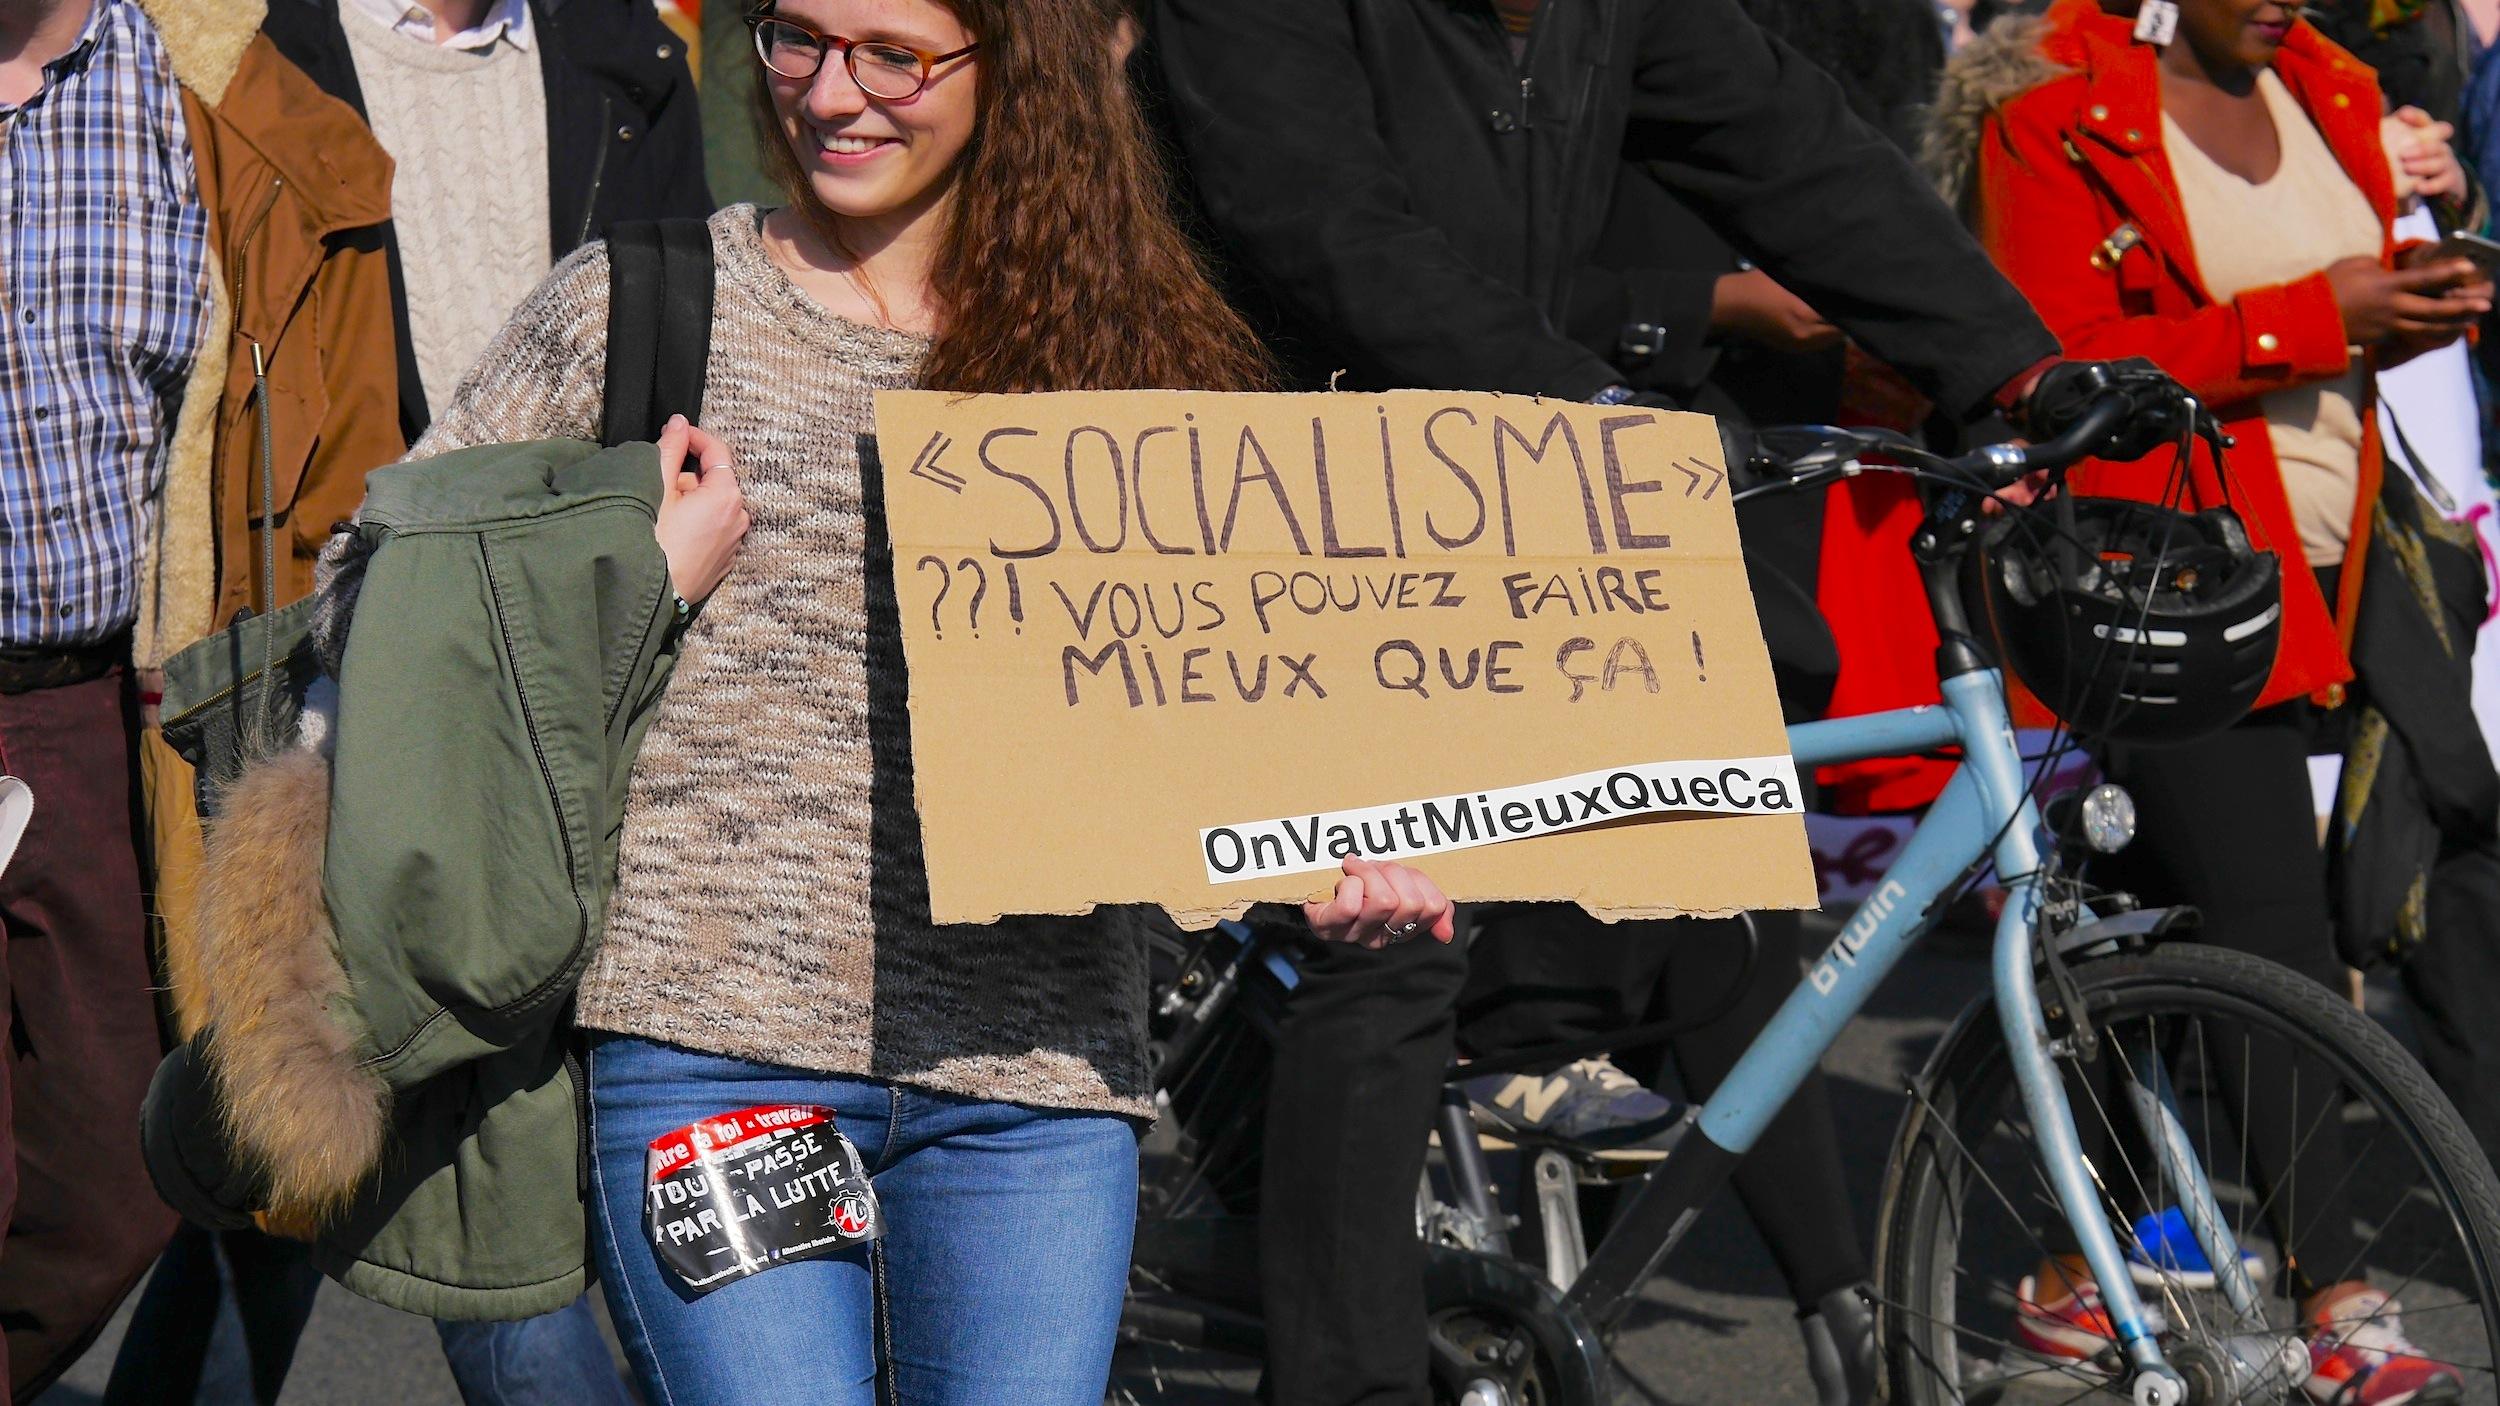 «'Socialisme' ?!! Vous pouvez faire mieux que ça! OnVautMieuxQueÇa»